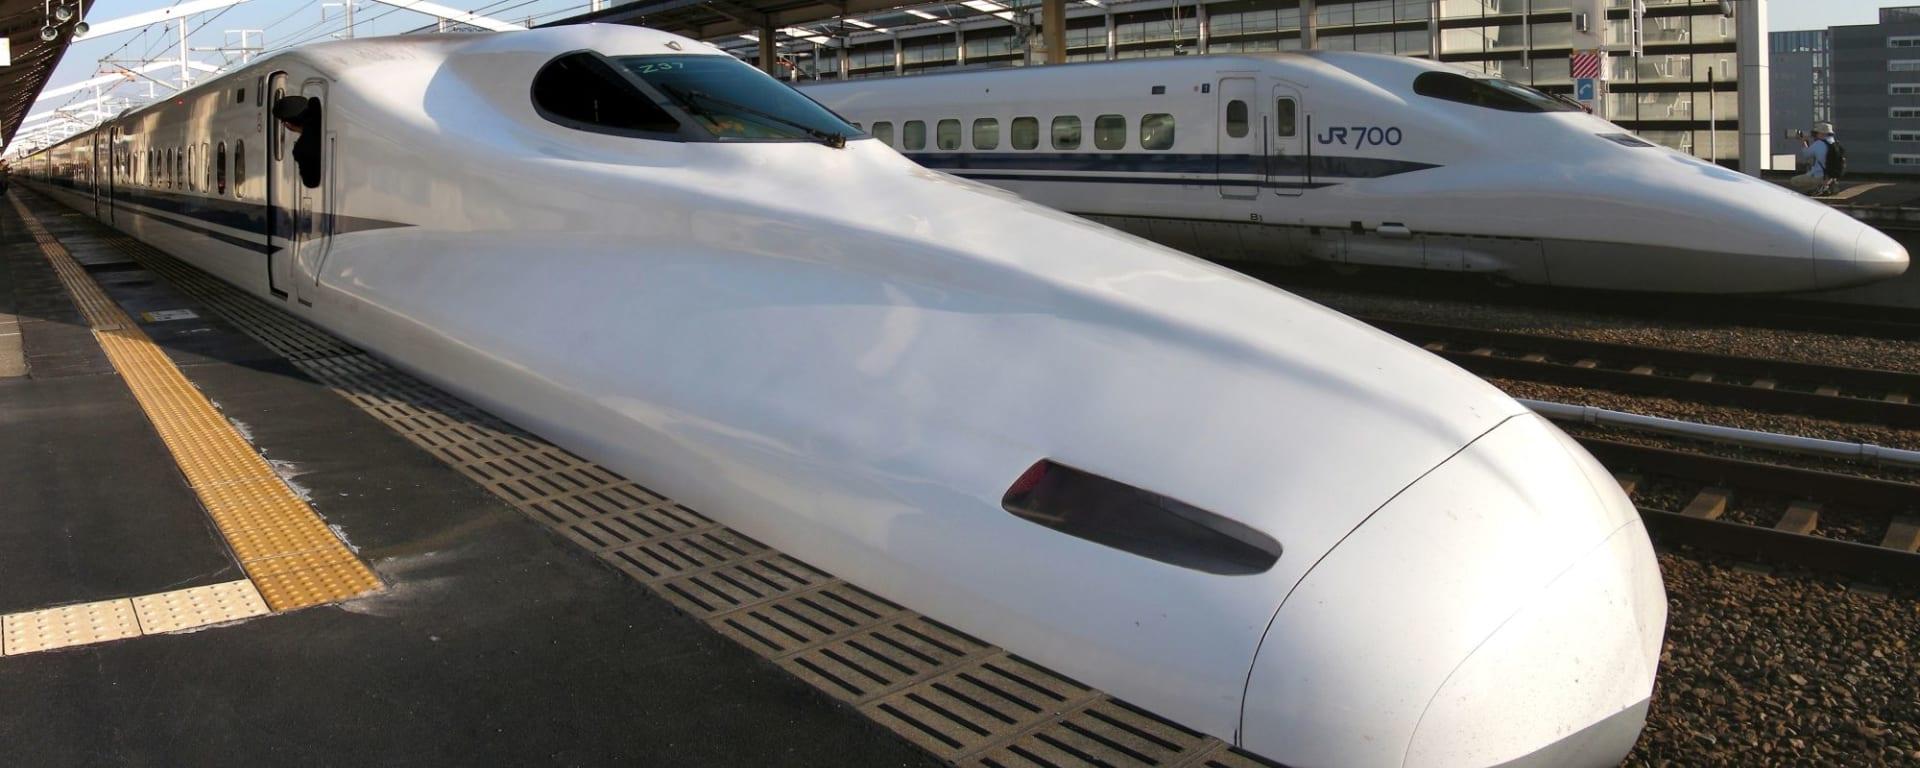 Le Japon classique de Tokyo: Japan: Shinkansen